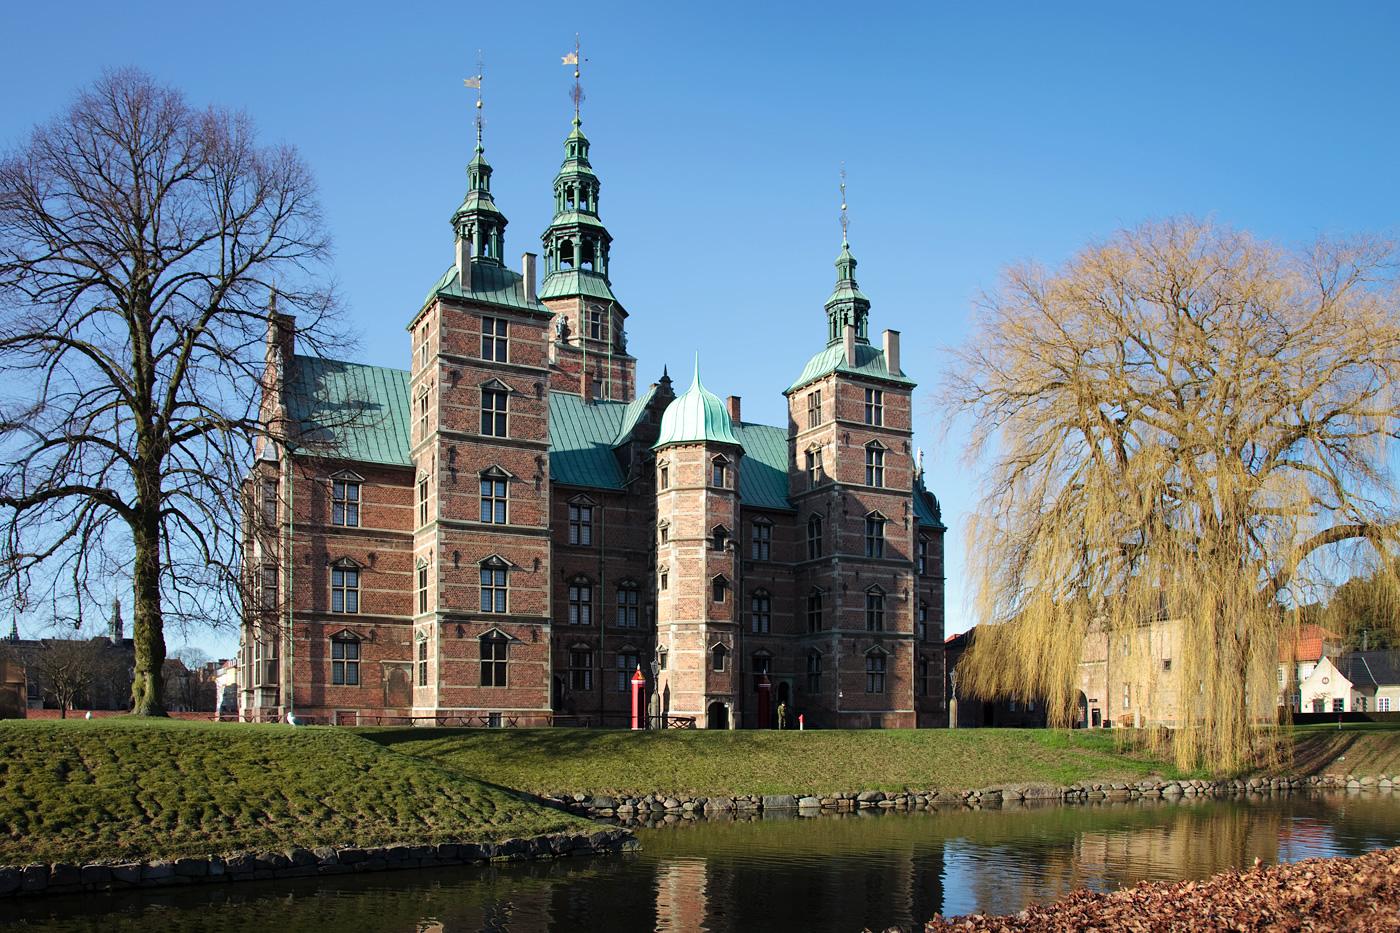 Denmark, Copenhagen, Rosenborg Castle